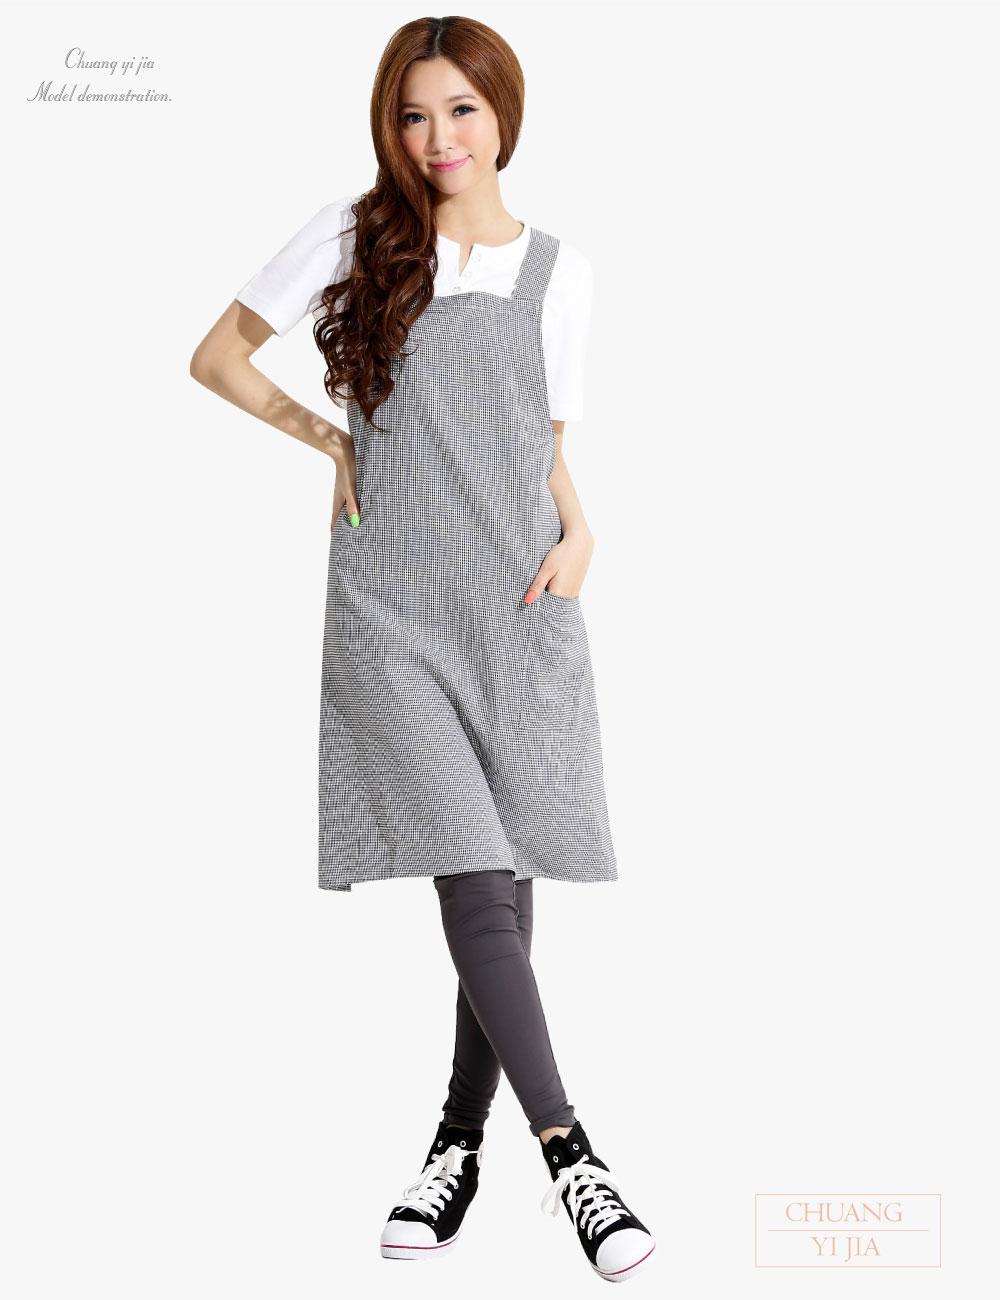 專業圍裙,廚師圍裙,烘培圍裙,園藝圍裙,防髒圍裙,日式圍裙,半截圍裙,圍裙訂製,職人日式圍裙圍